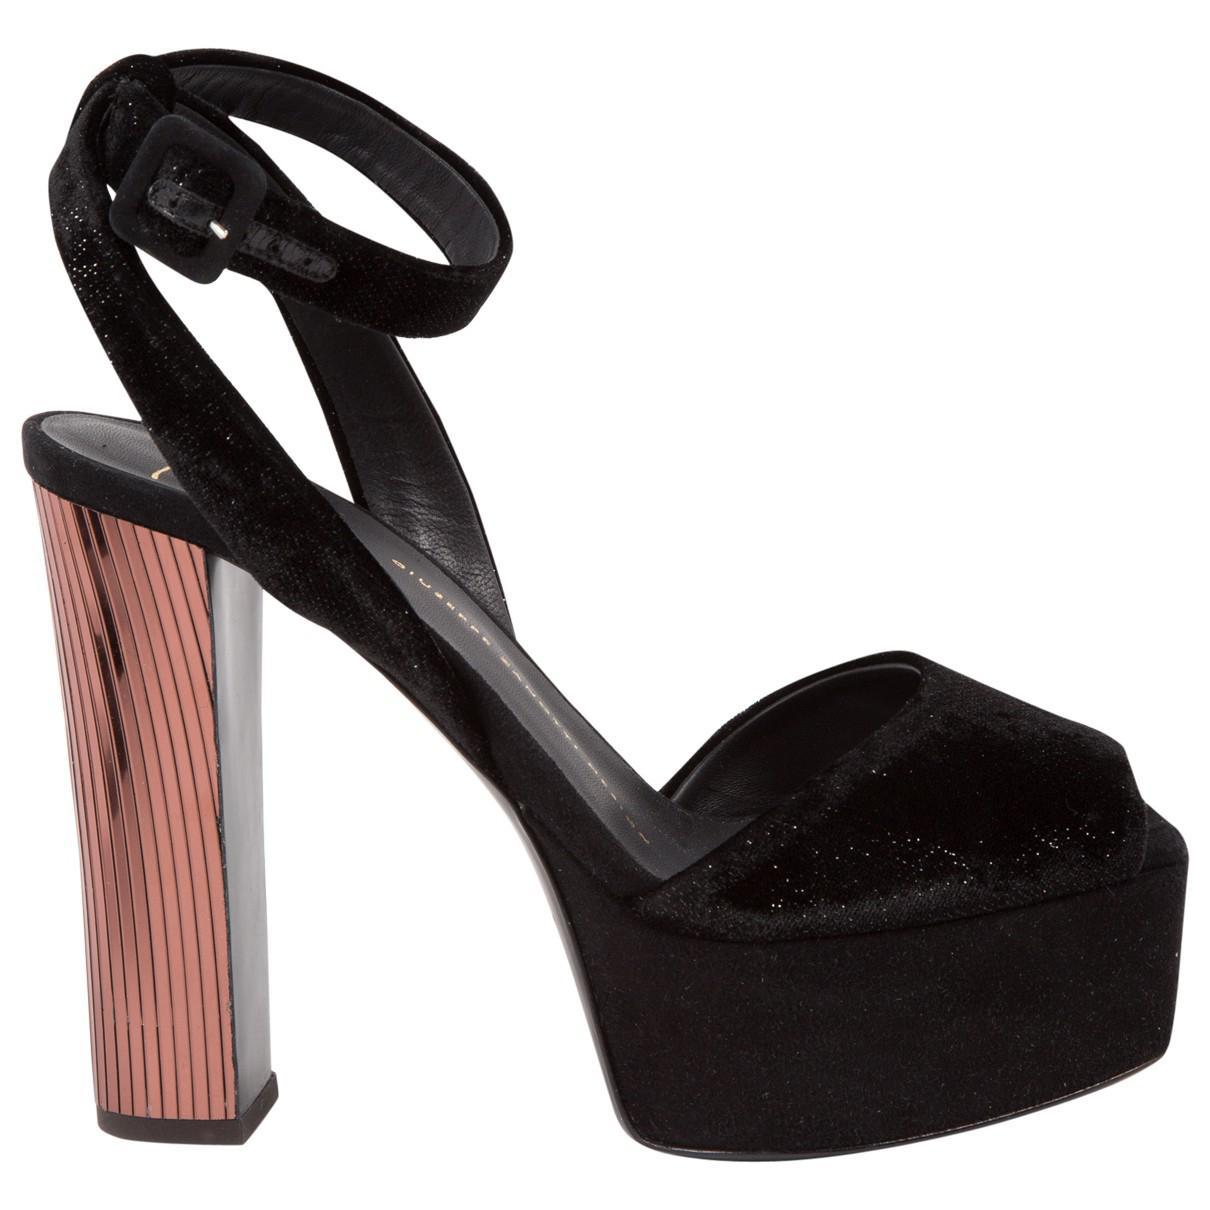 Pre-owned - Velvet sandals Giuseppe Zanotti RbMLuLMOFO